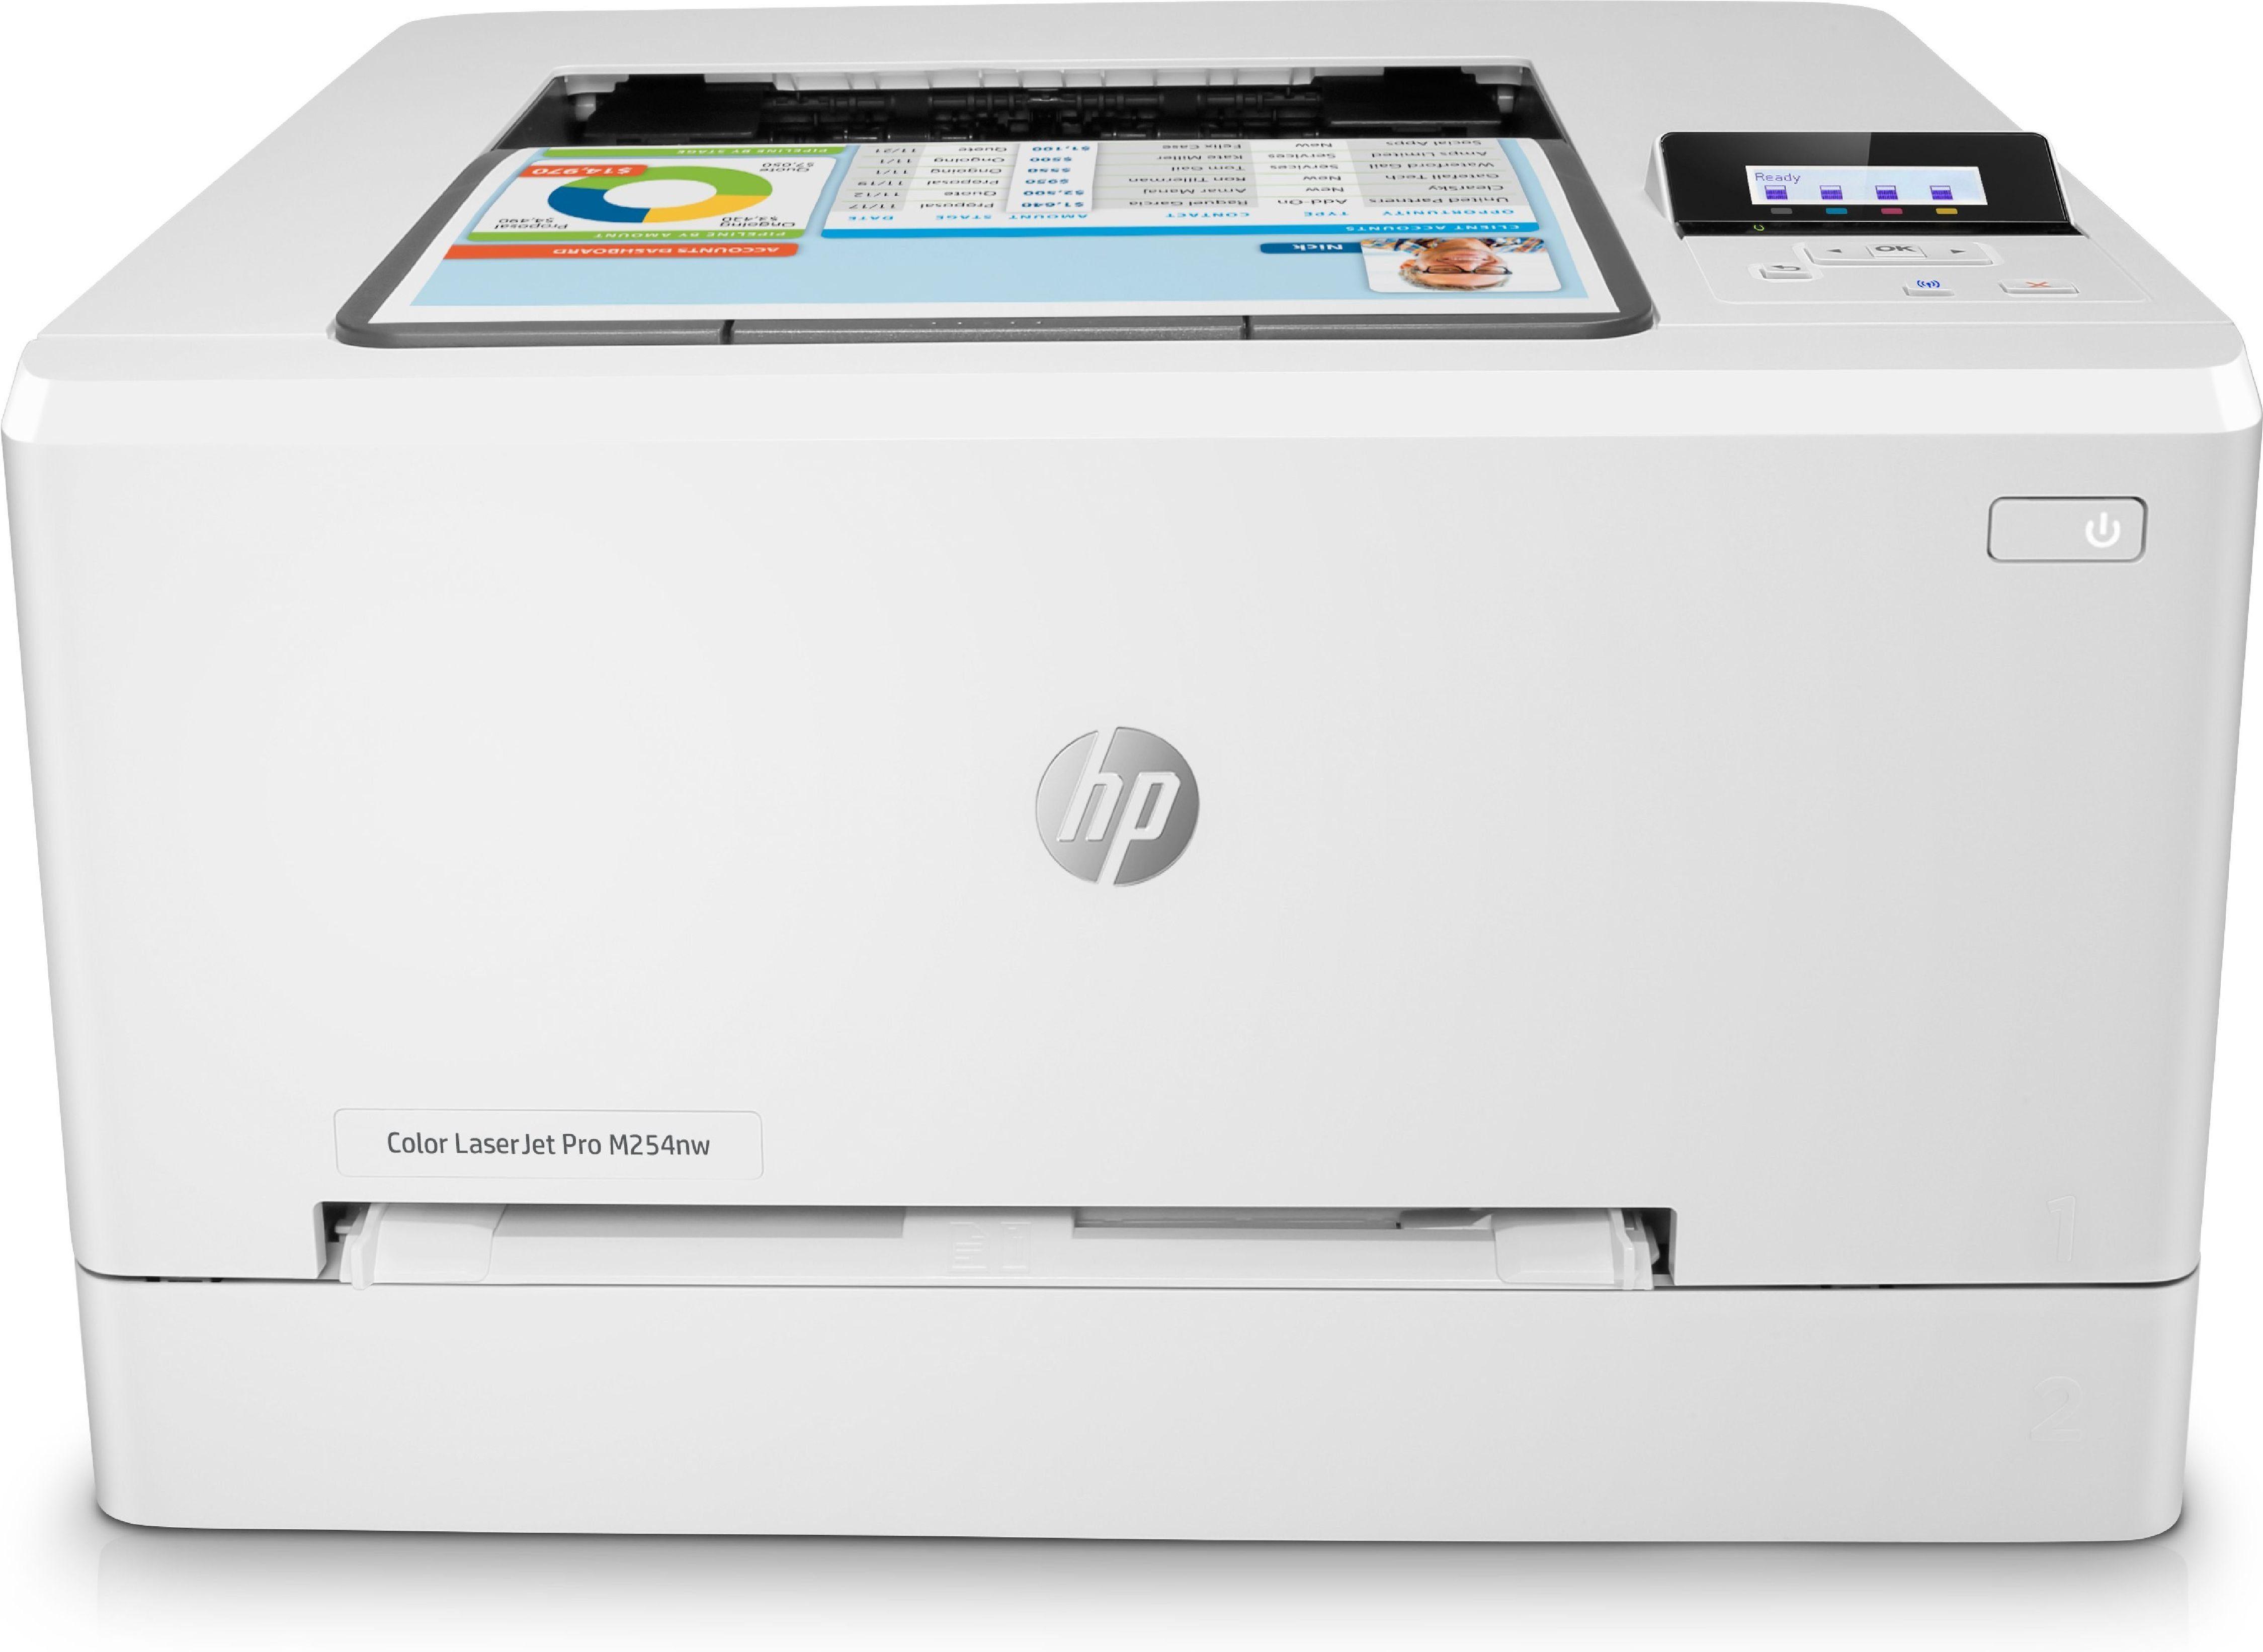 HP Color LaserJet Pro M254nw »Drucker«